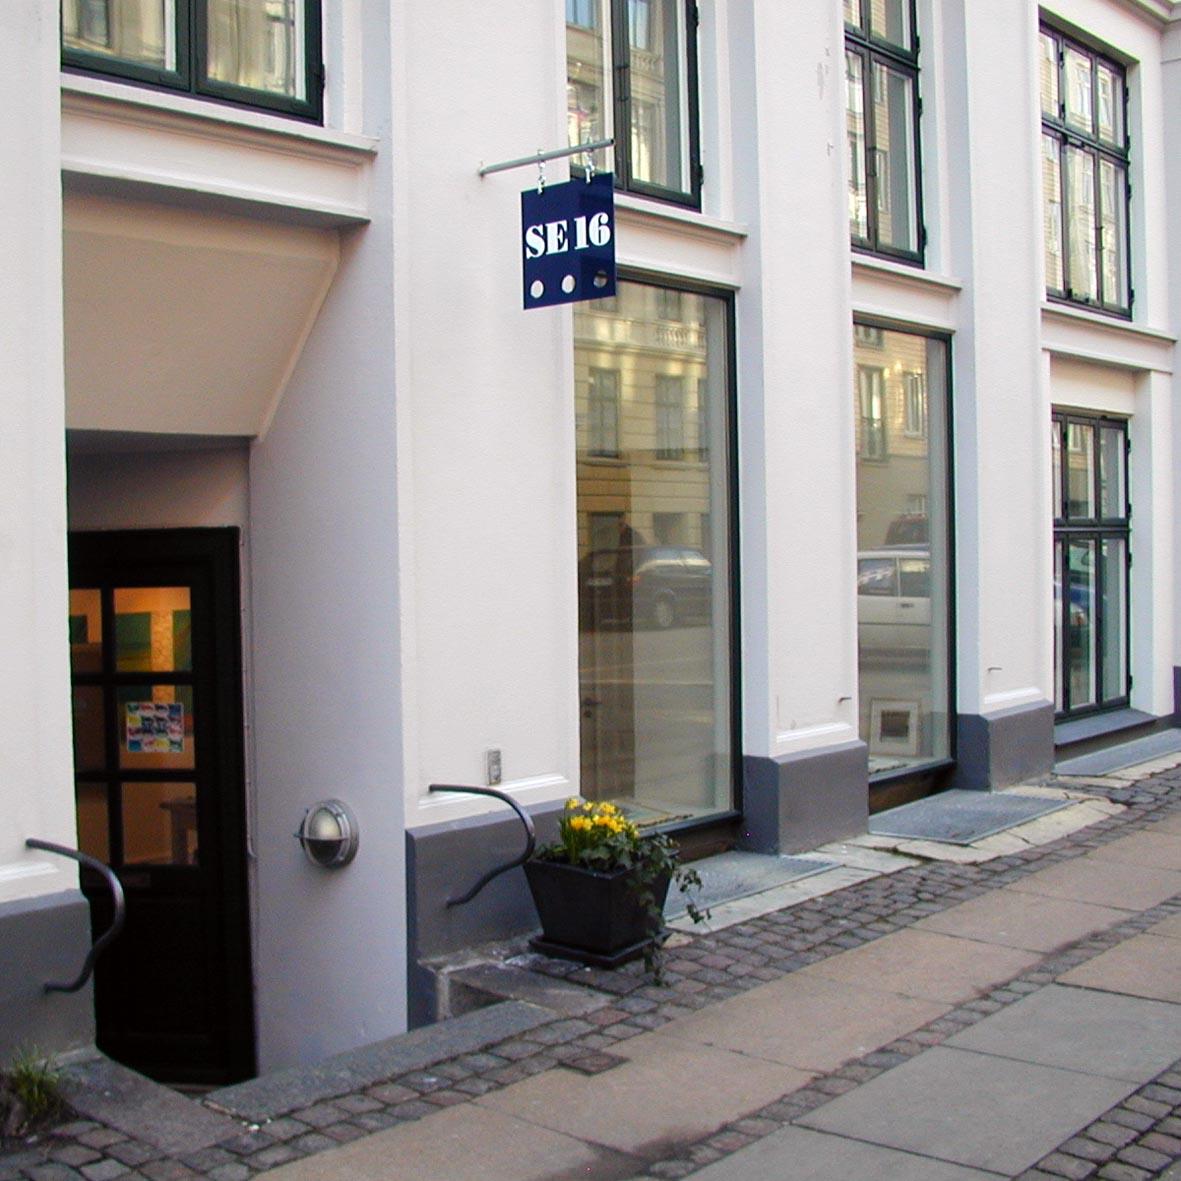 Galleri SE16 Susanne Egfjord kunst til salg billedkunst glas tekstil